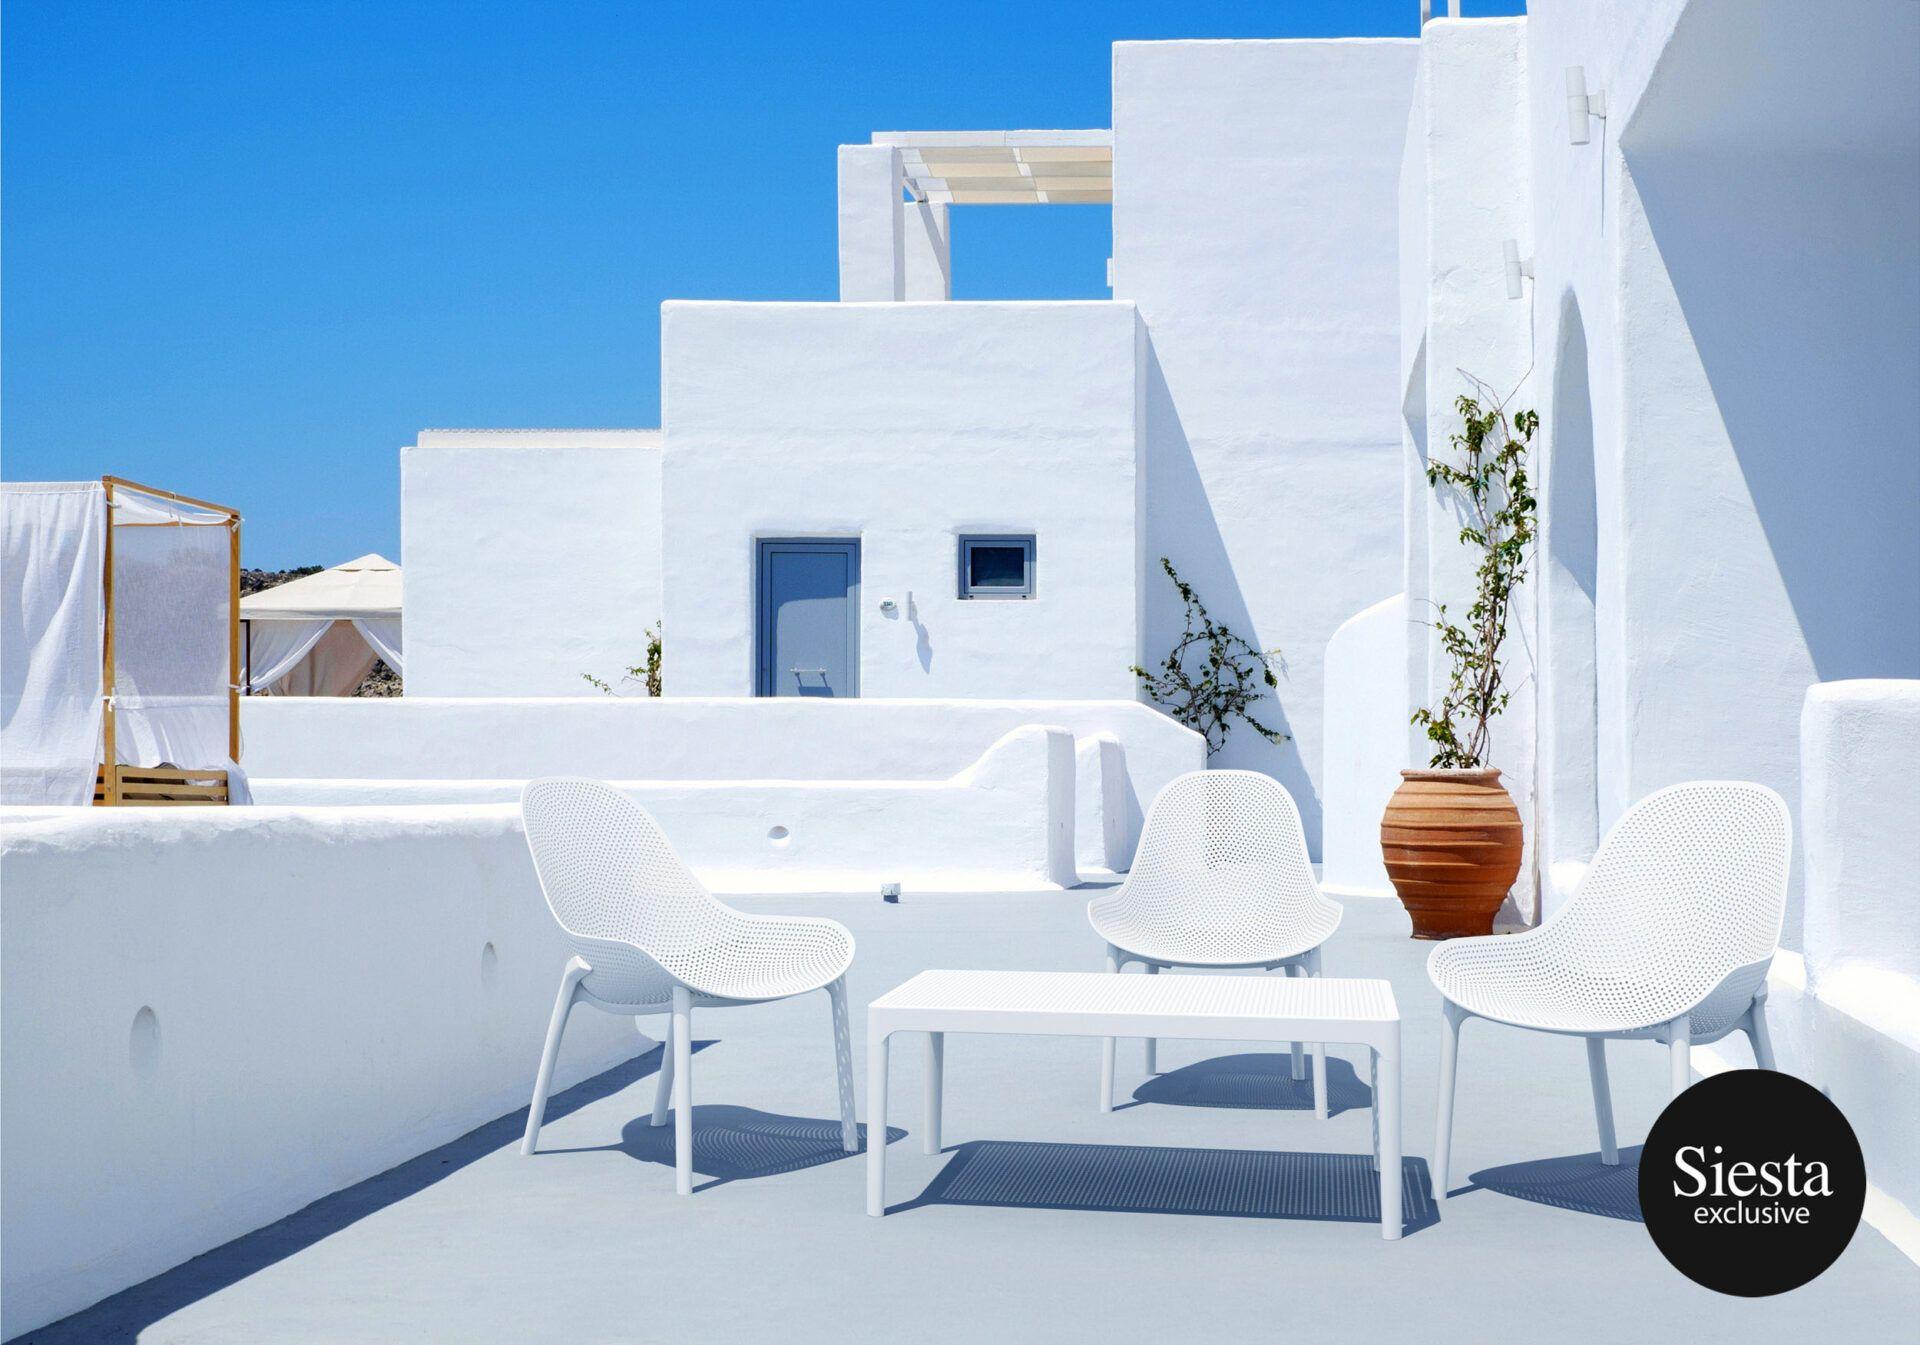 617 sky lounge sky lounge table